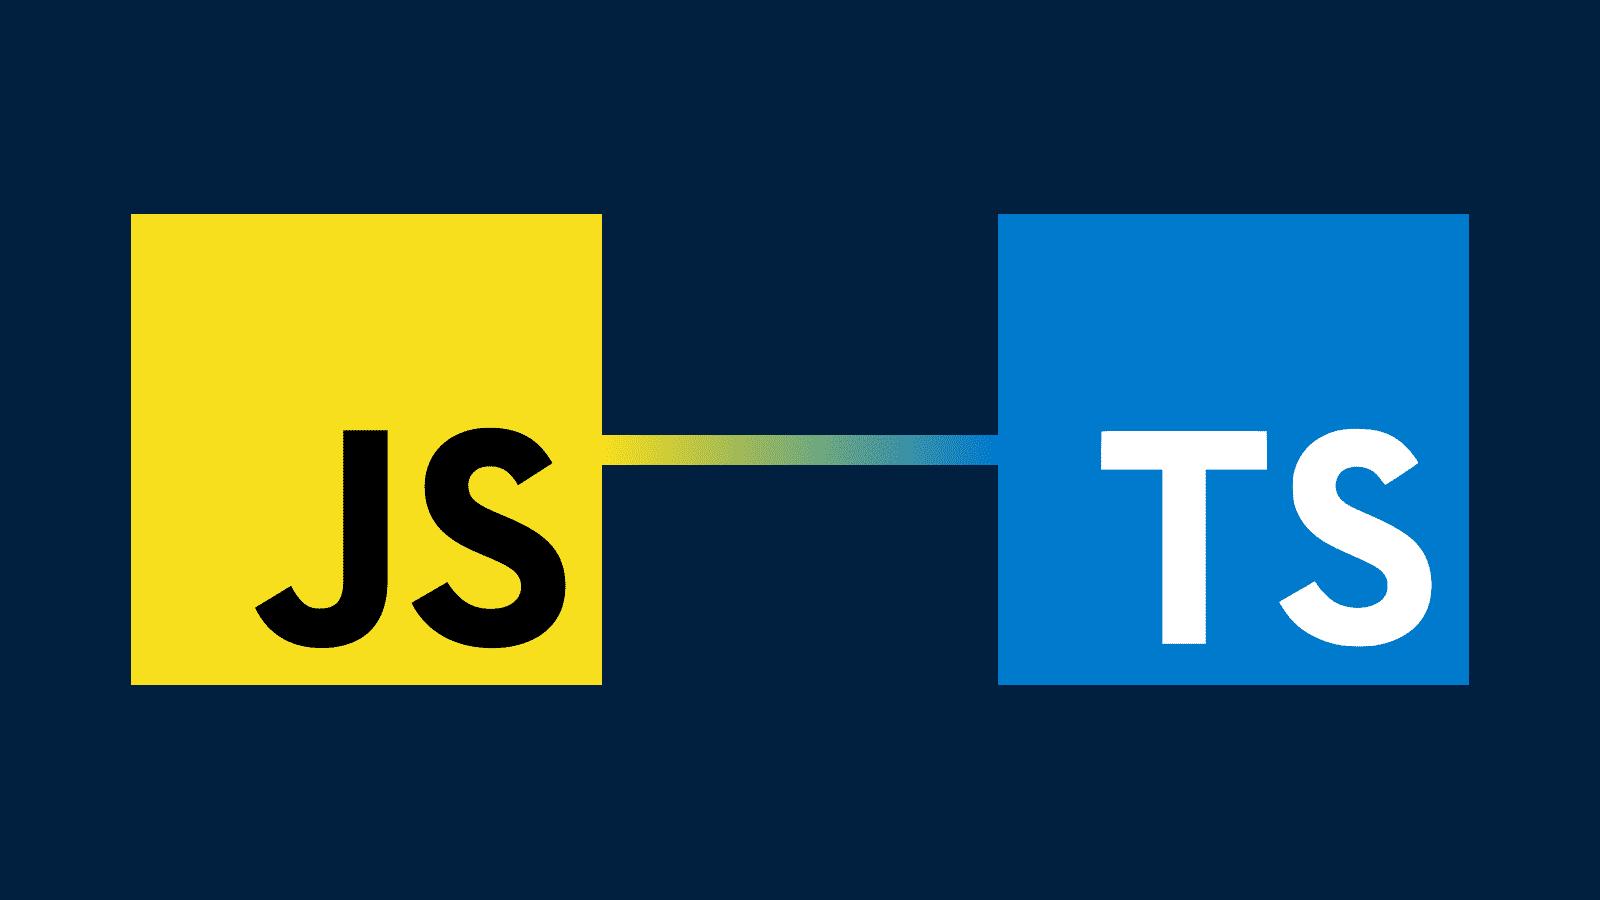 万物起源-从 JavaScript 到 TypeScript